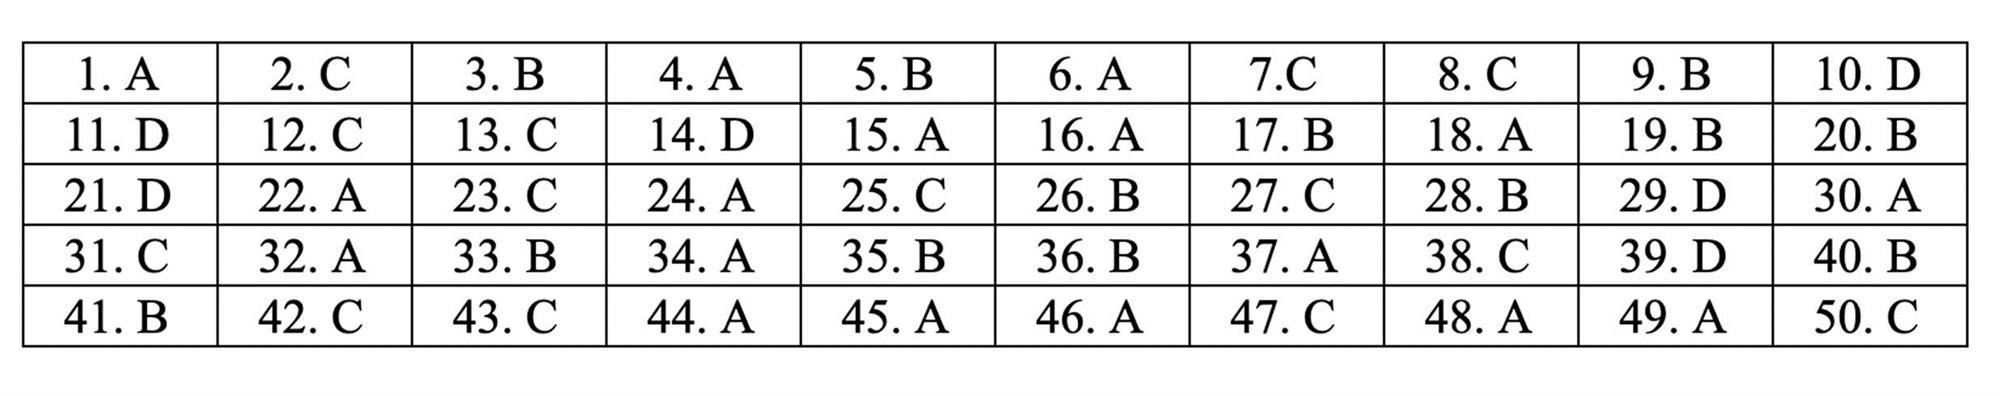 Đáp án tham khảo môn Toán thi THPT quốc gia 2019 tất cả mã đề-23